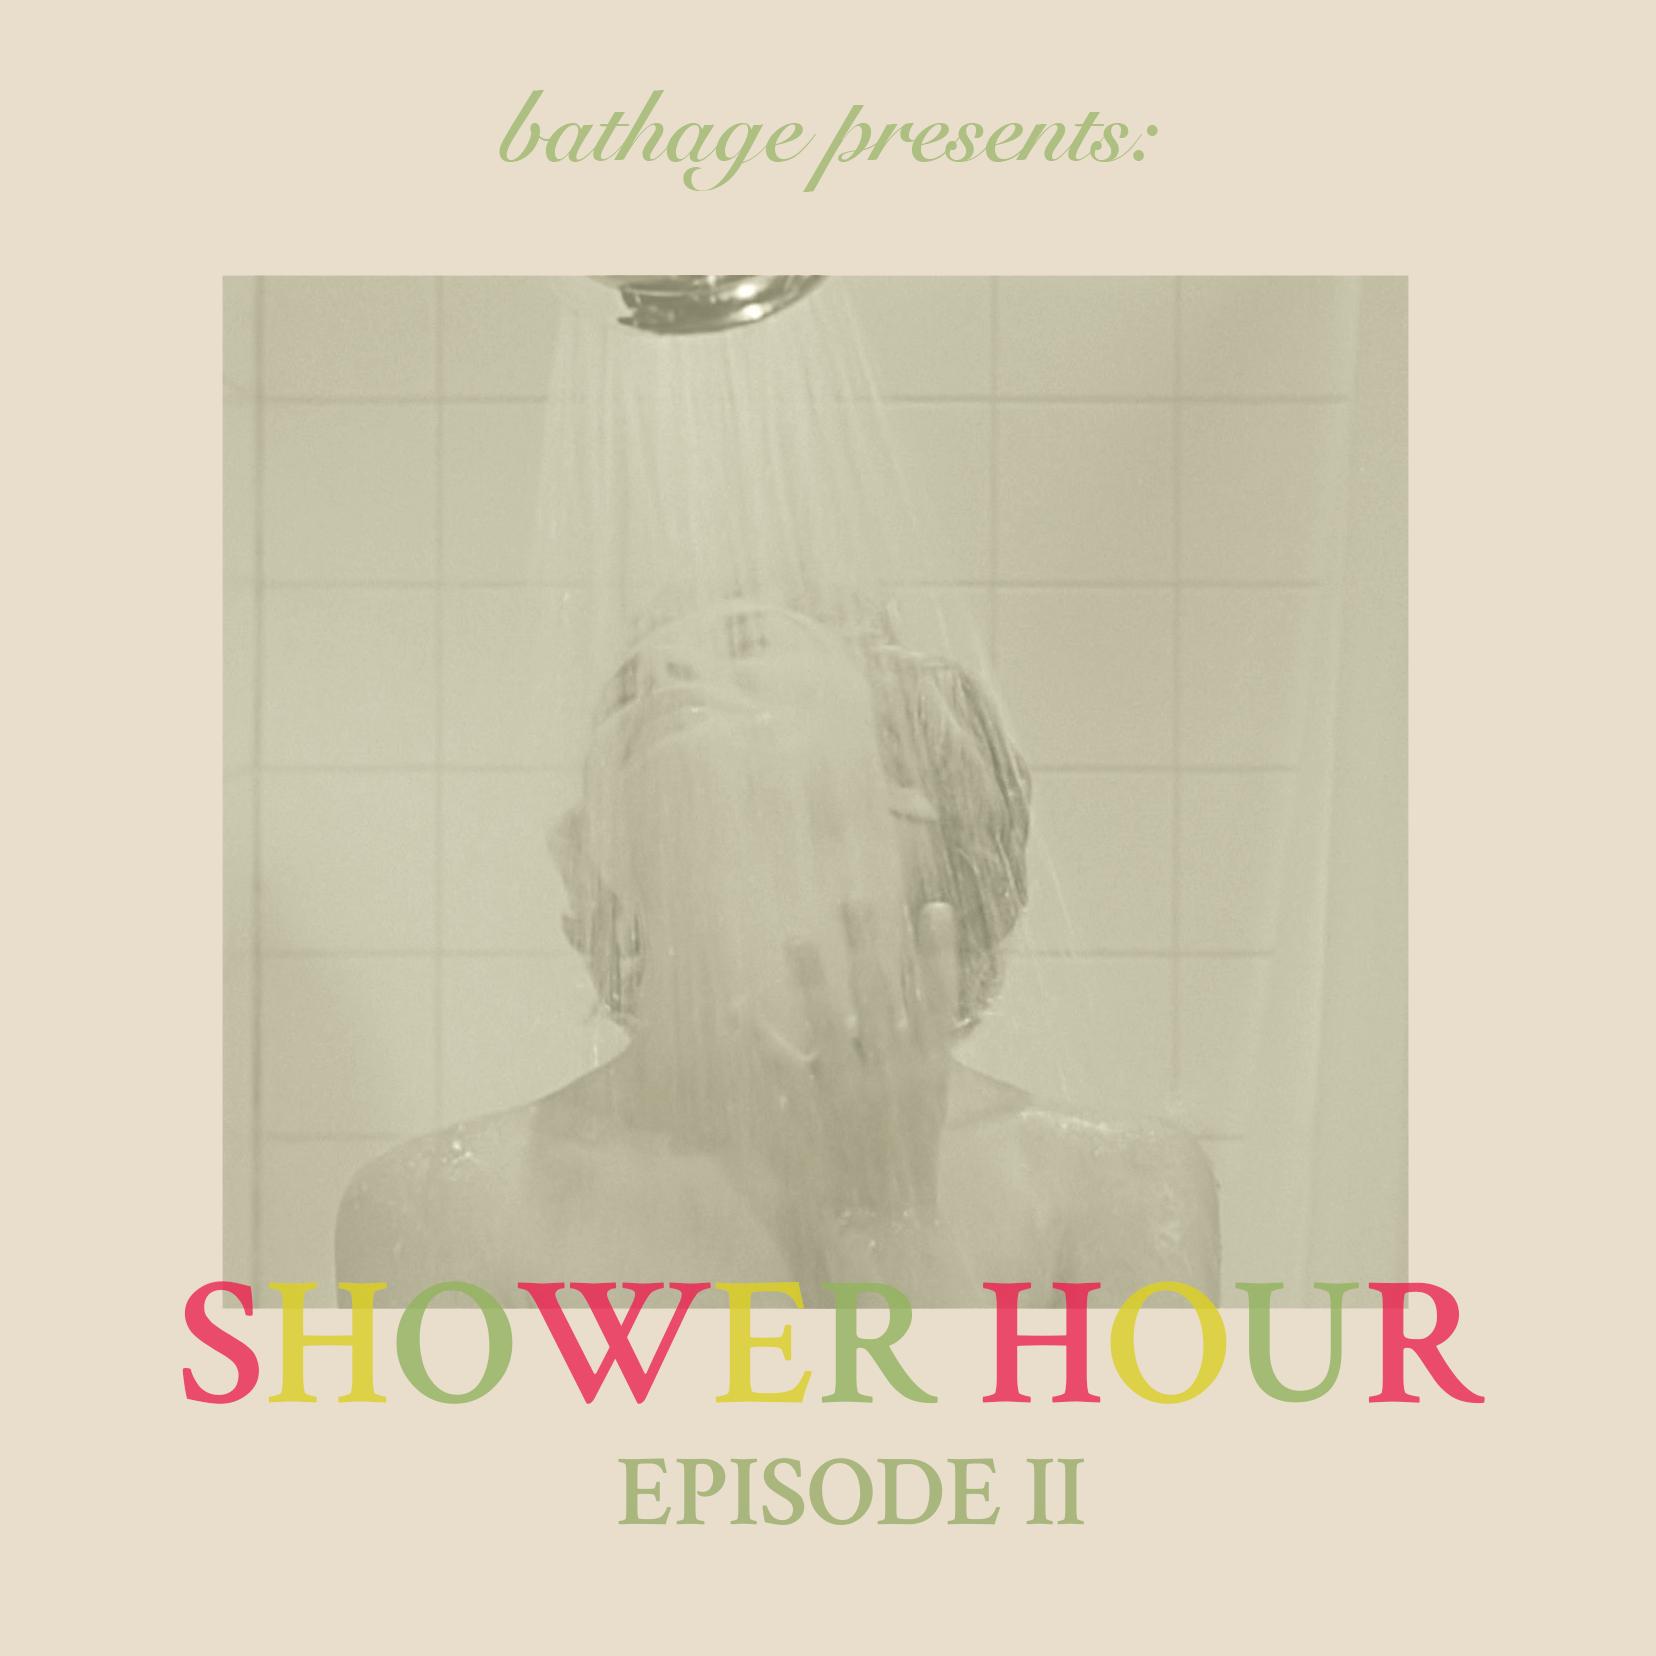 showerhourepisodeII.png